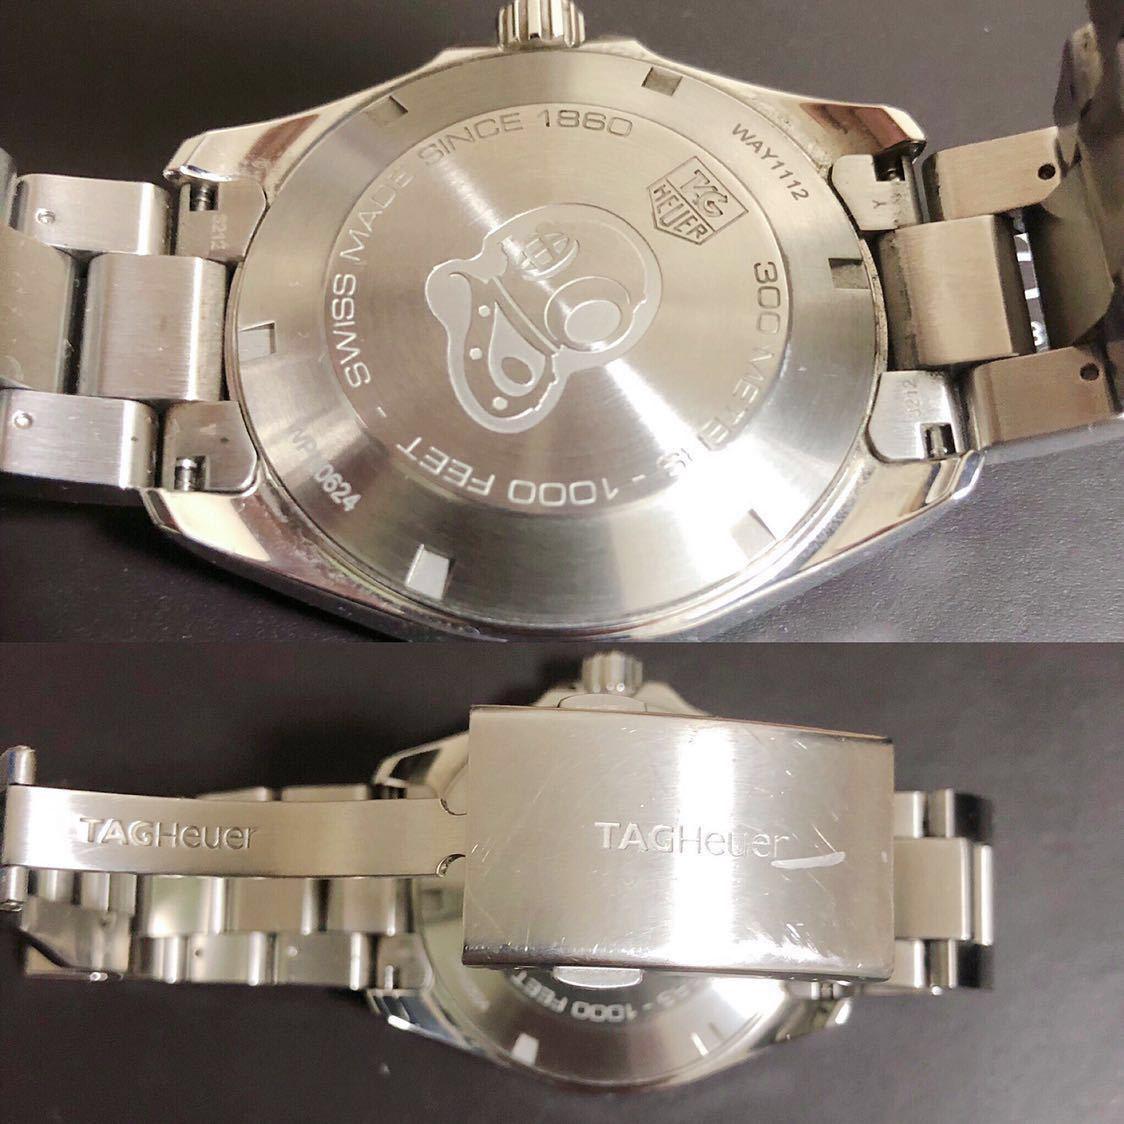 腕時計 タグ・ホイヤー アクアレーサー 防水 メンズ WAY1112【人気のブルー】_画像4